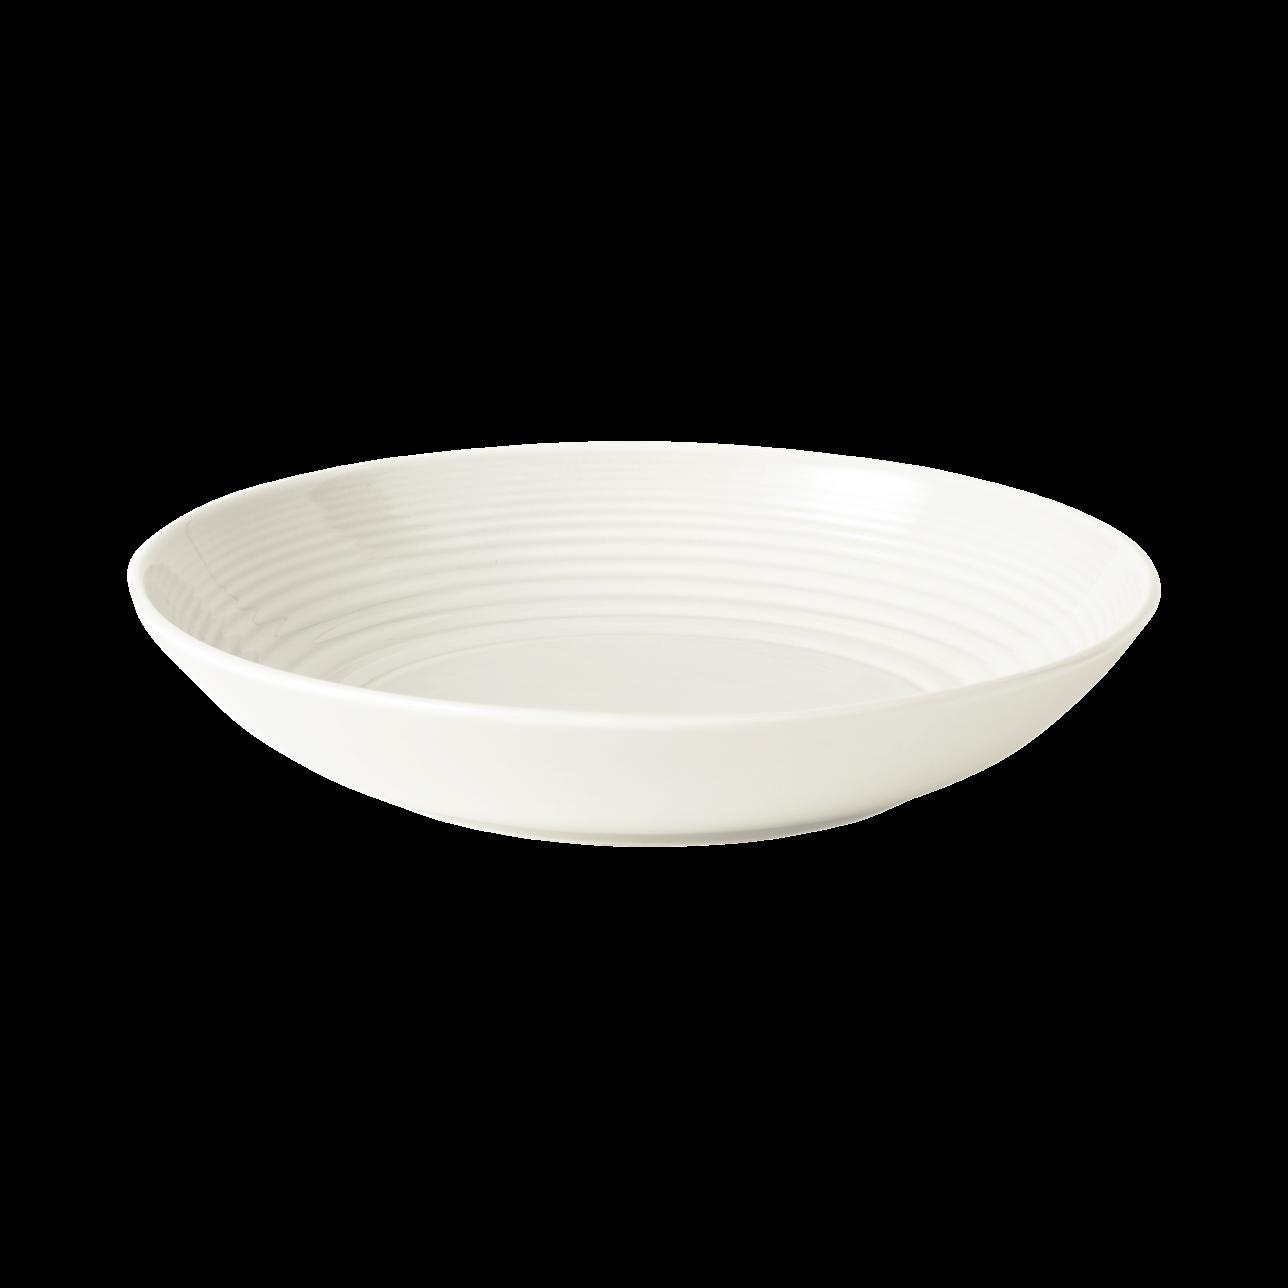 Maze White Pasta Bowl